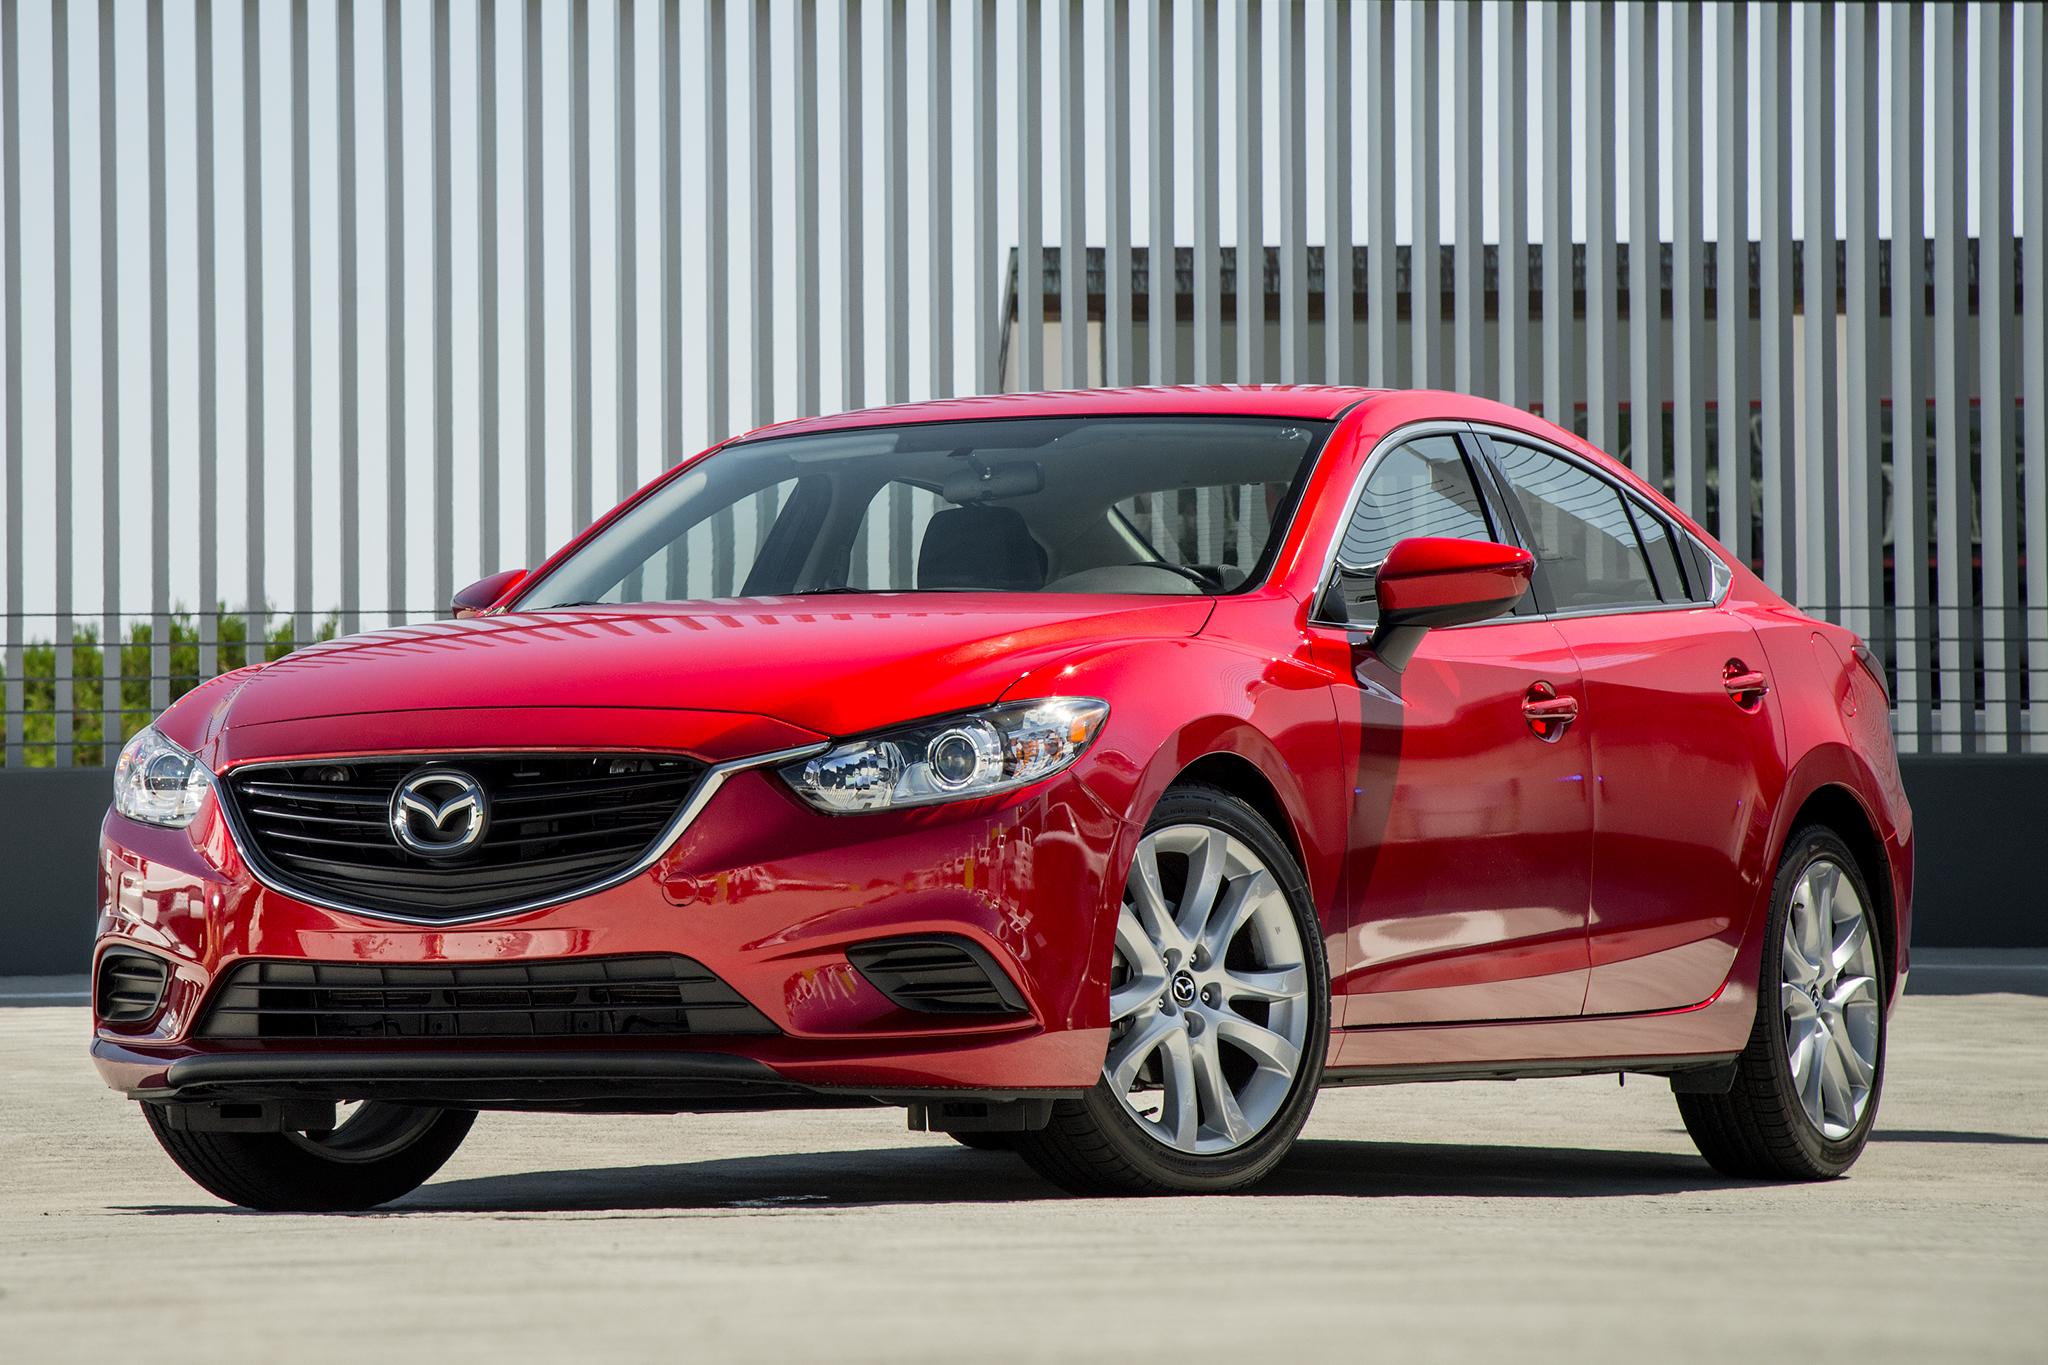 New 2015 Mazda 6 Red